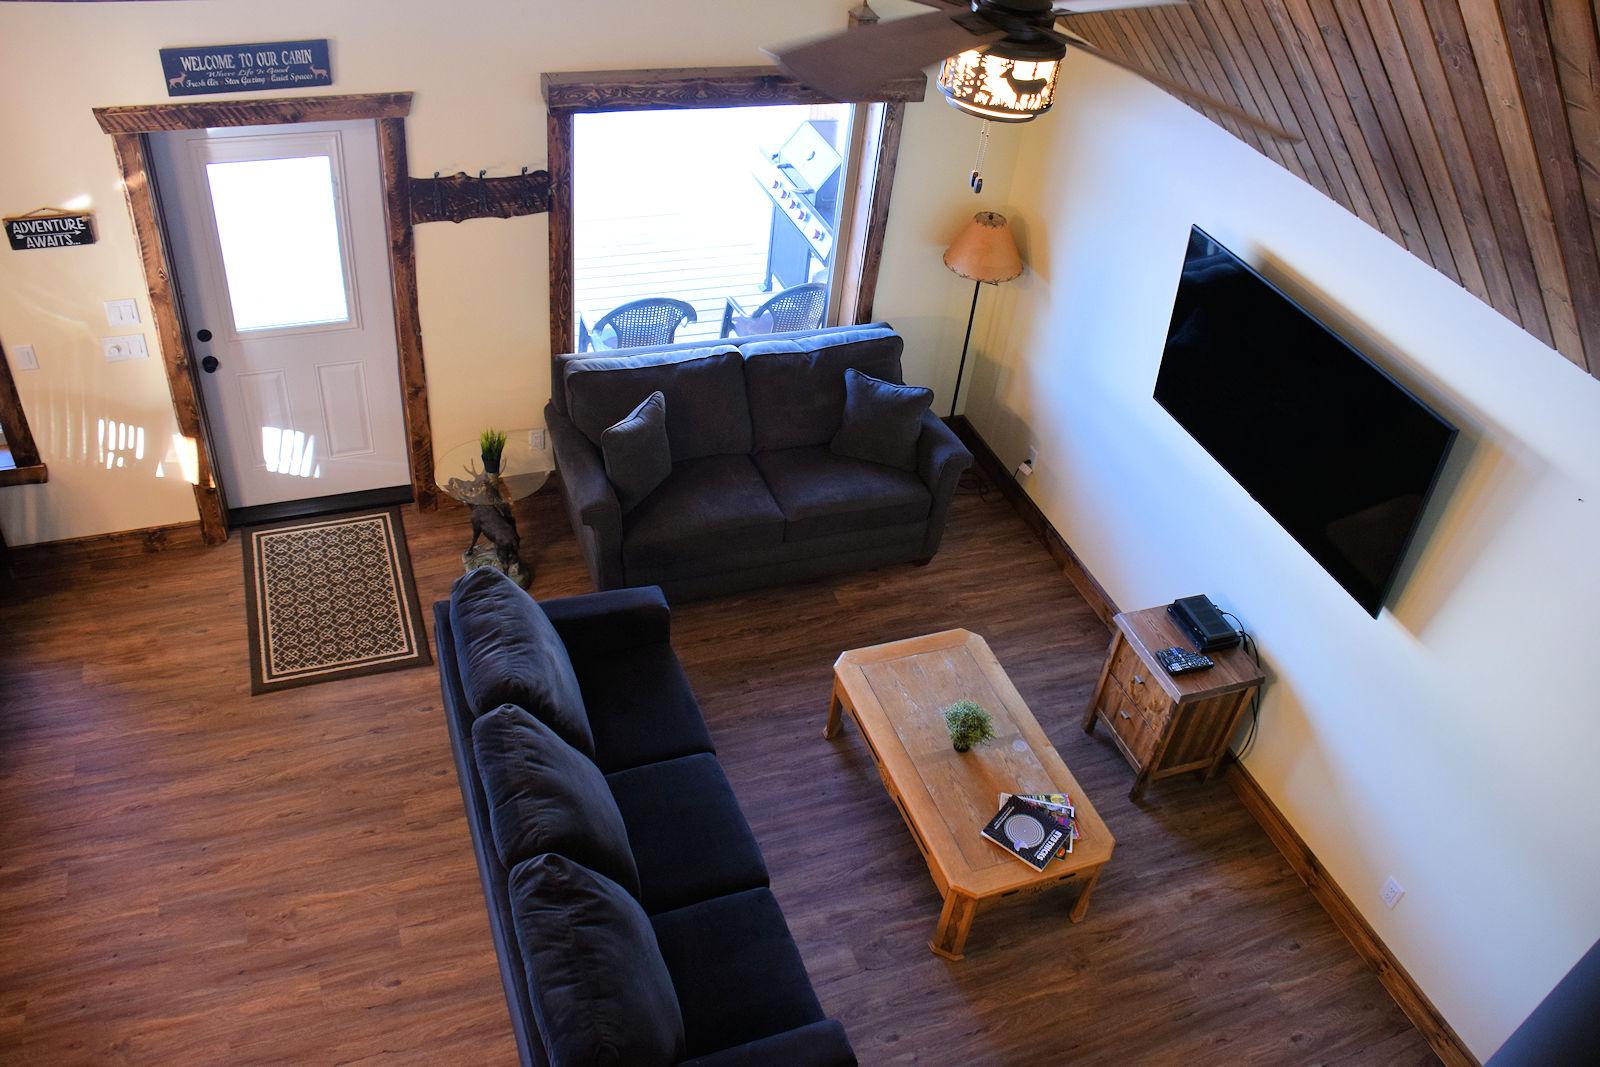 https://0901.nccdn.net/4_2/000/000/03f/ac7/view-from-loft-into-living-area-1600x1067.jpg